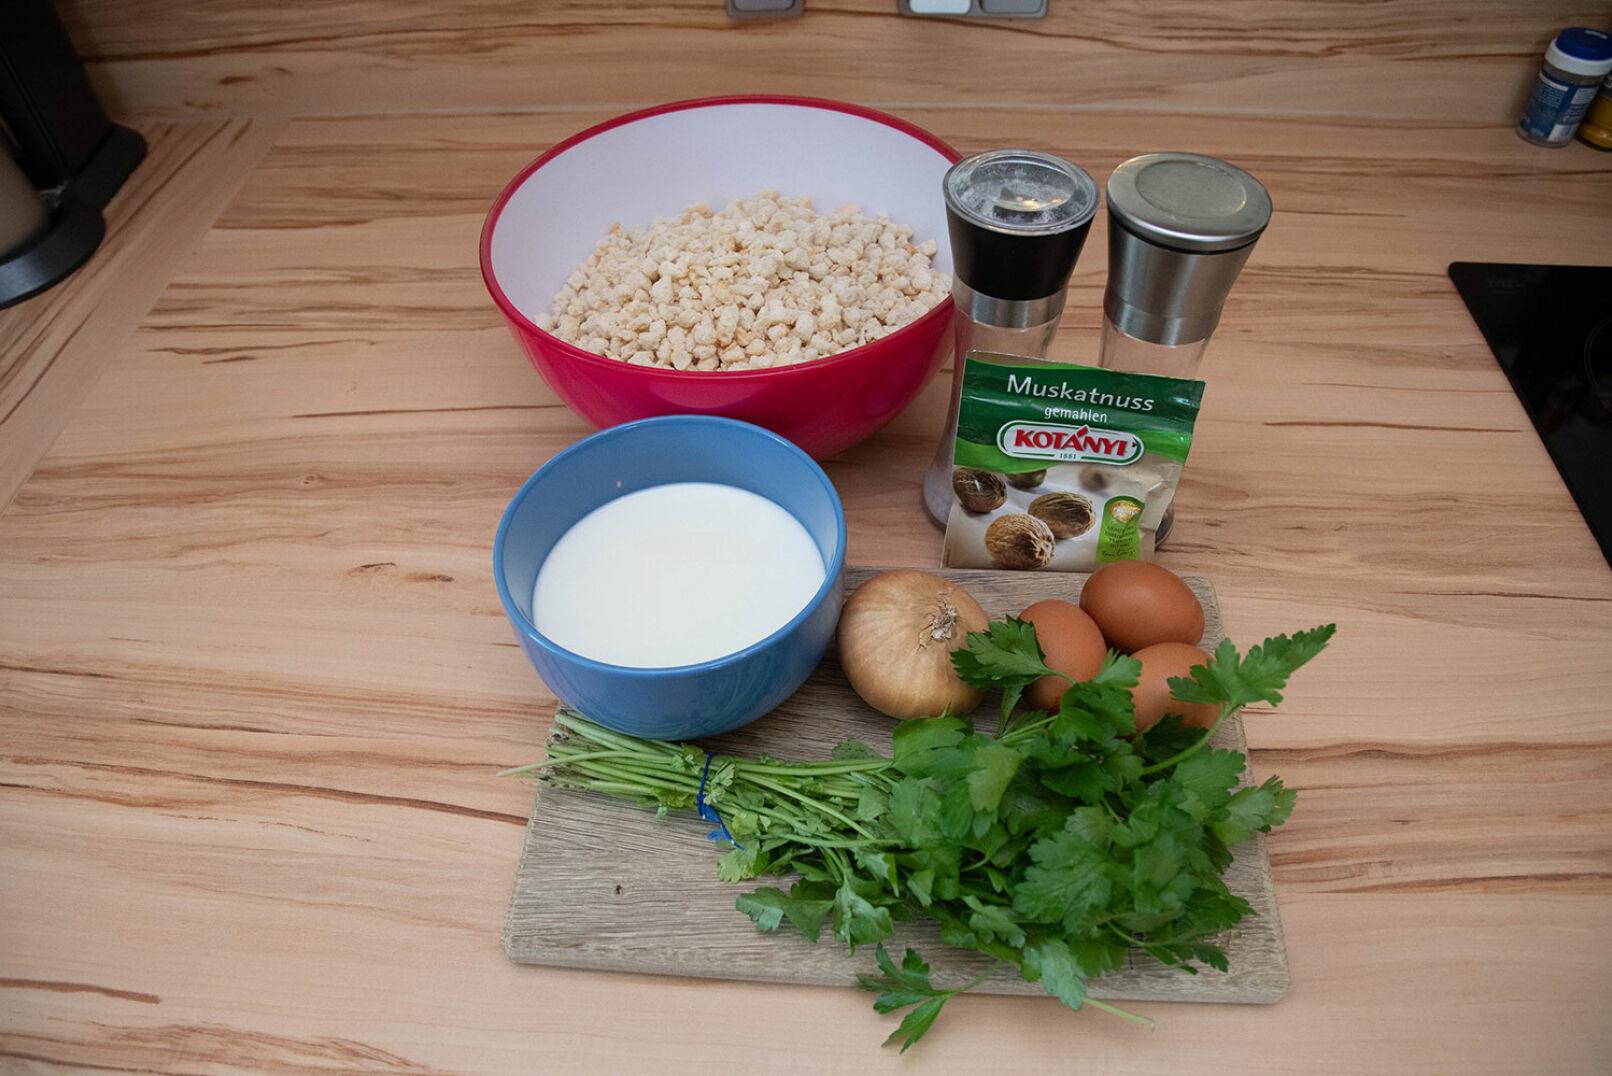 Zutaten für die Serviettenknödel: Semmelwürfel, Butter, Milch, Eier, Petersilie, Zwiebel, Salz, Pfeffer, Muskat. - © Barbara Marko